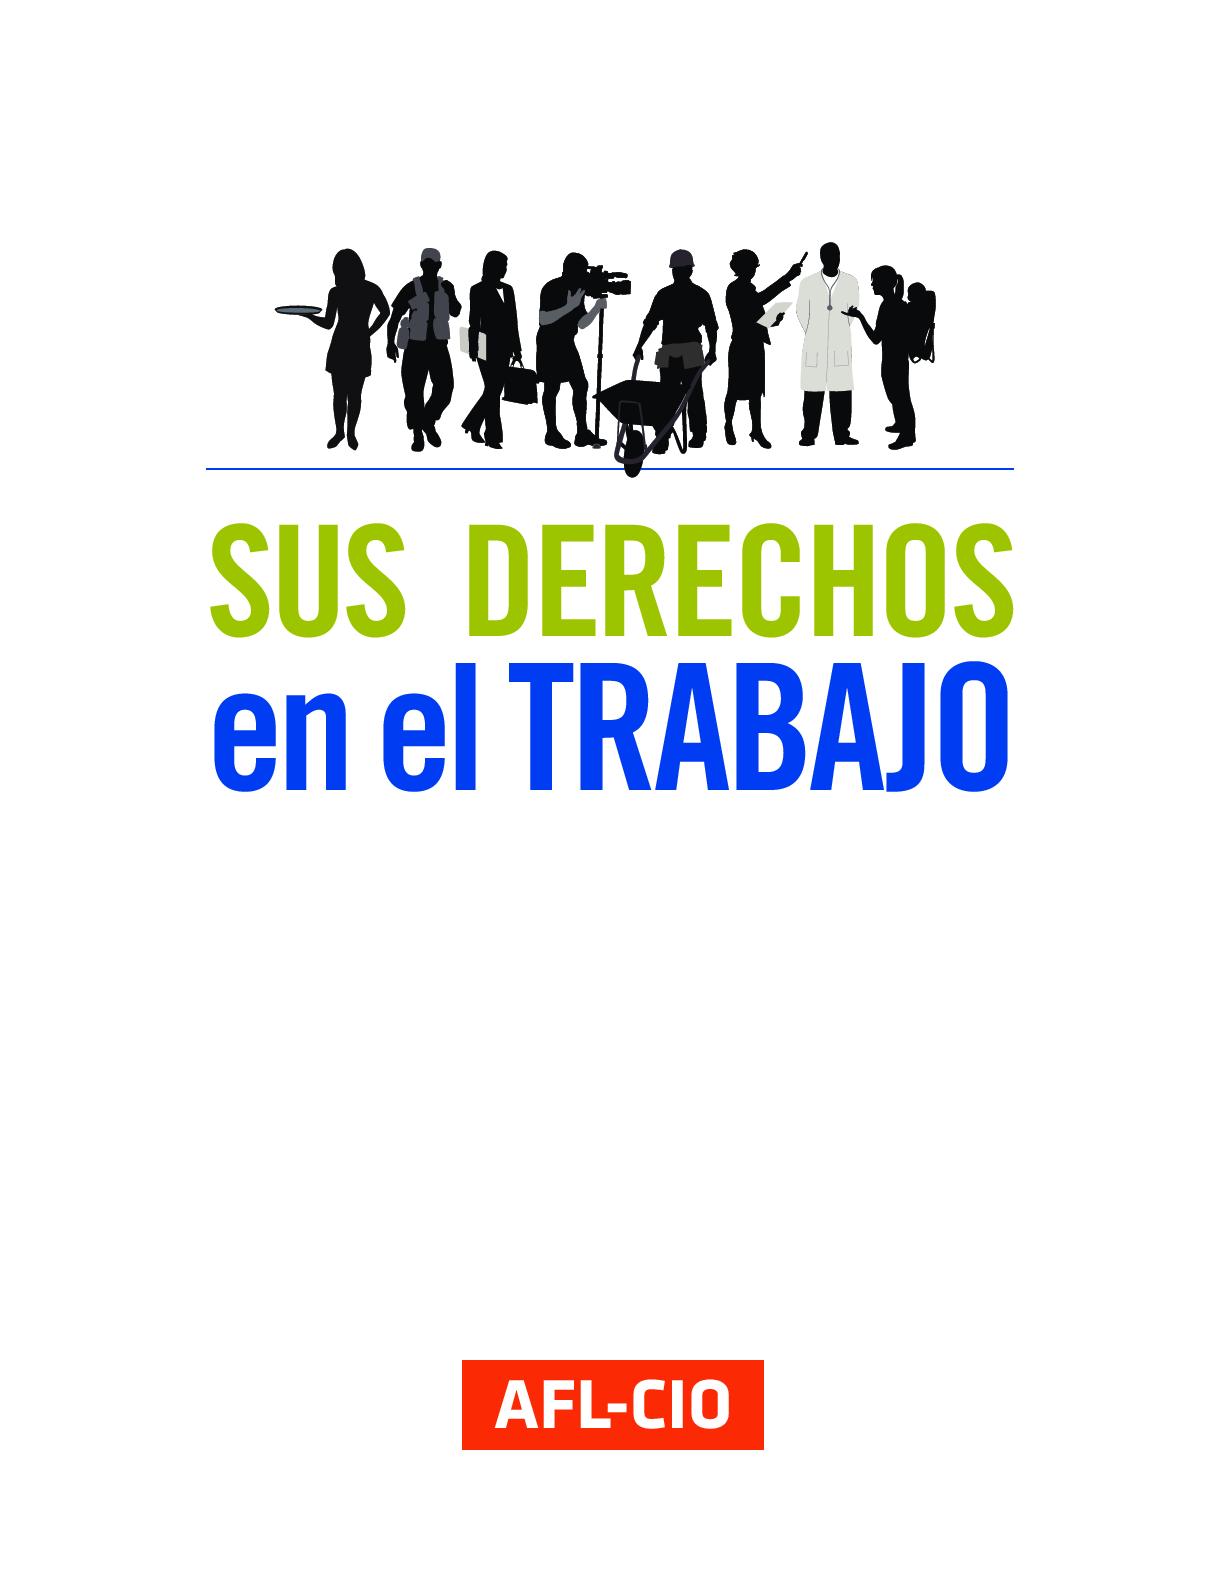 Sus Derechos en el Trabajo   AFL-CIO 13ef4054ce